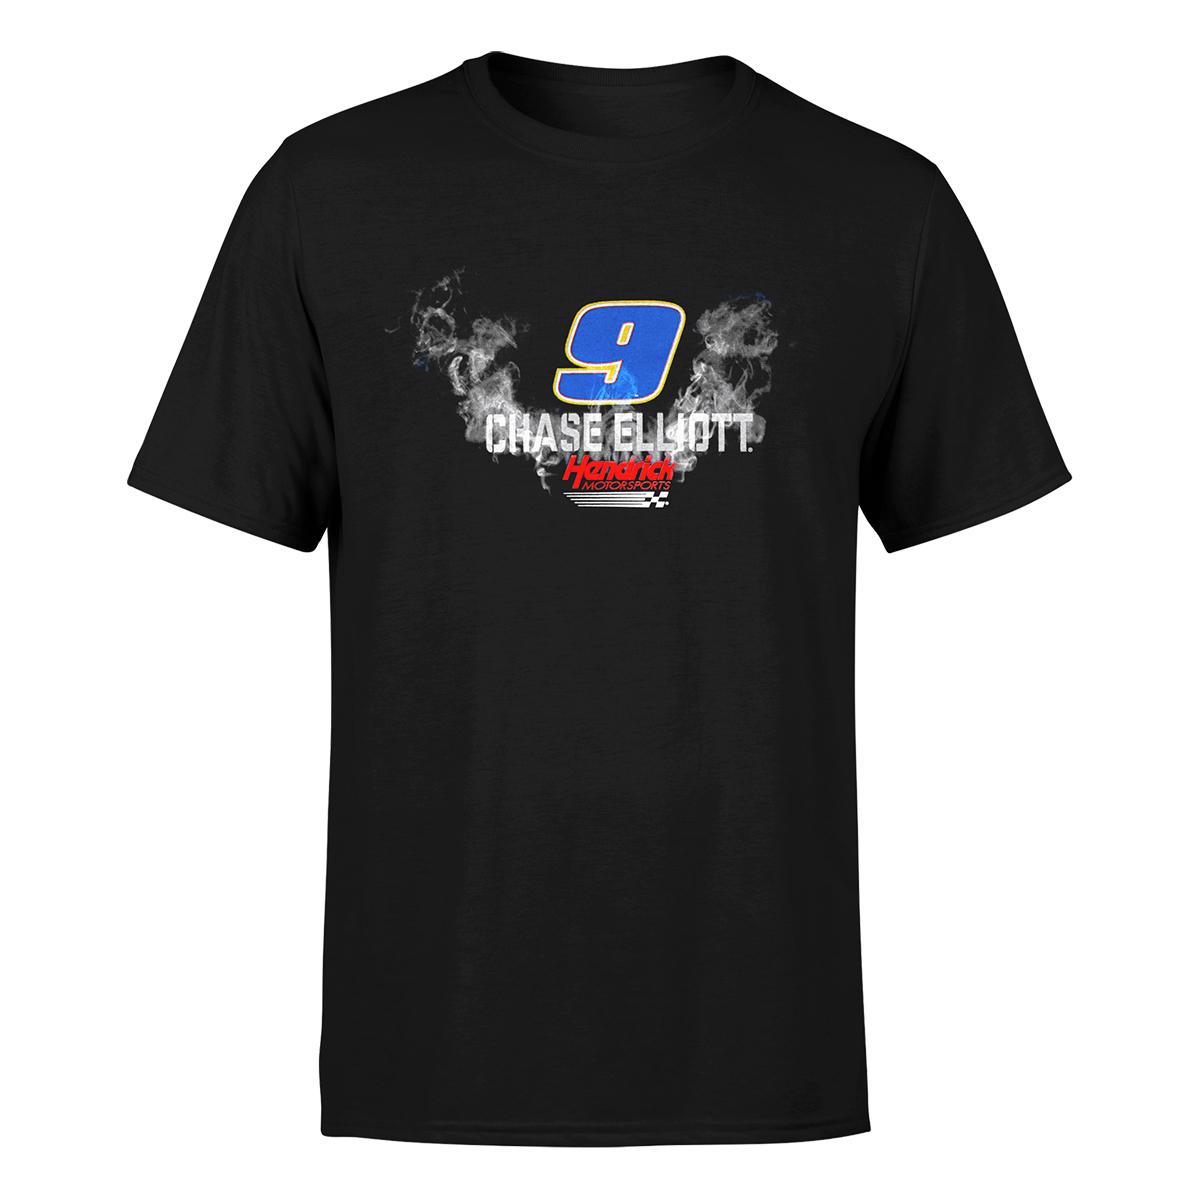 Chase Elliott #9 2019 NASCAR Helmet T-shirt